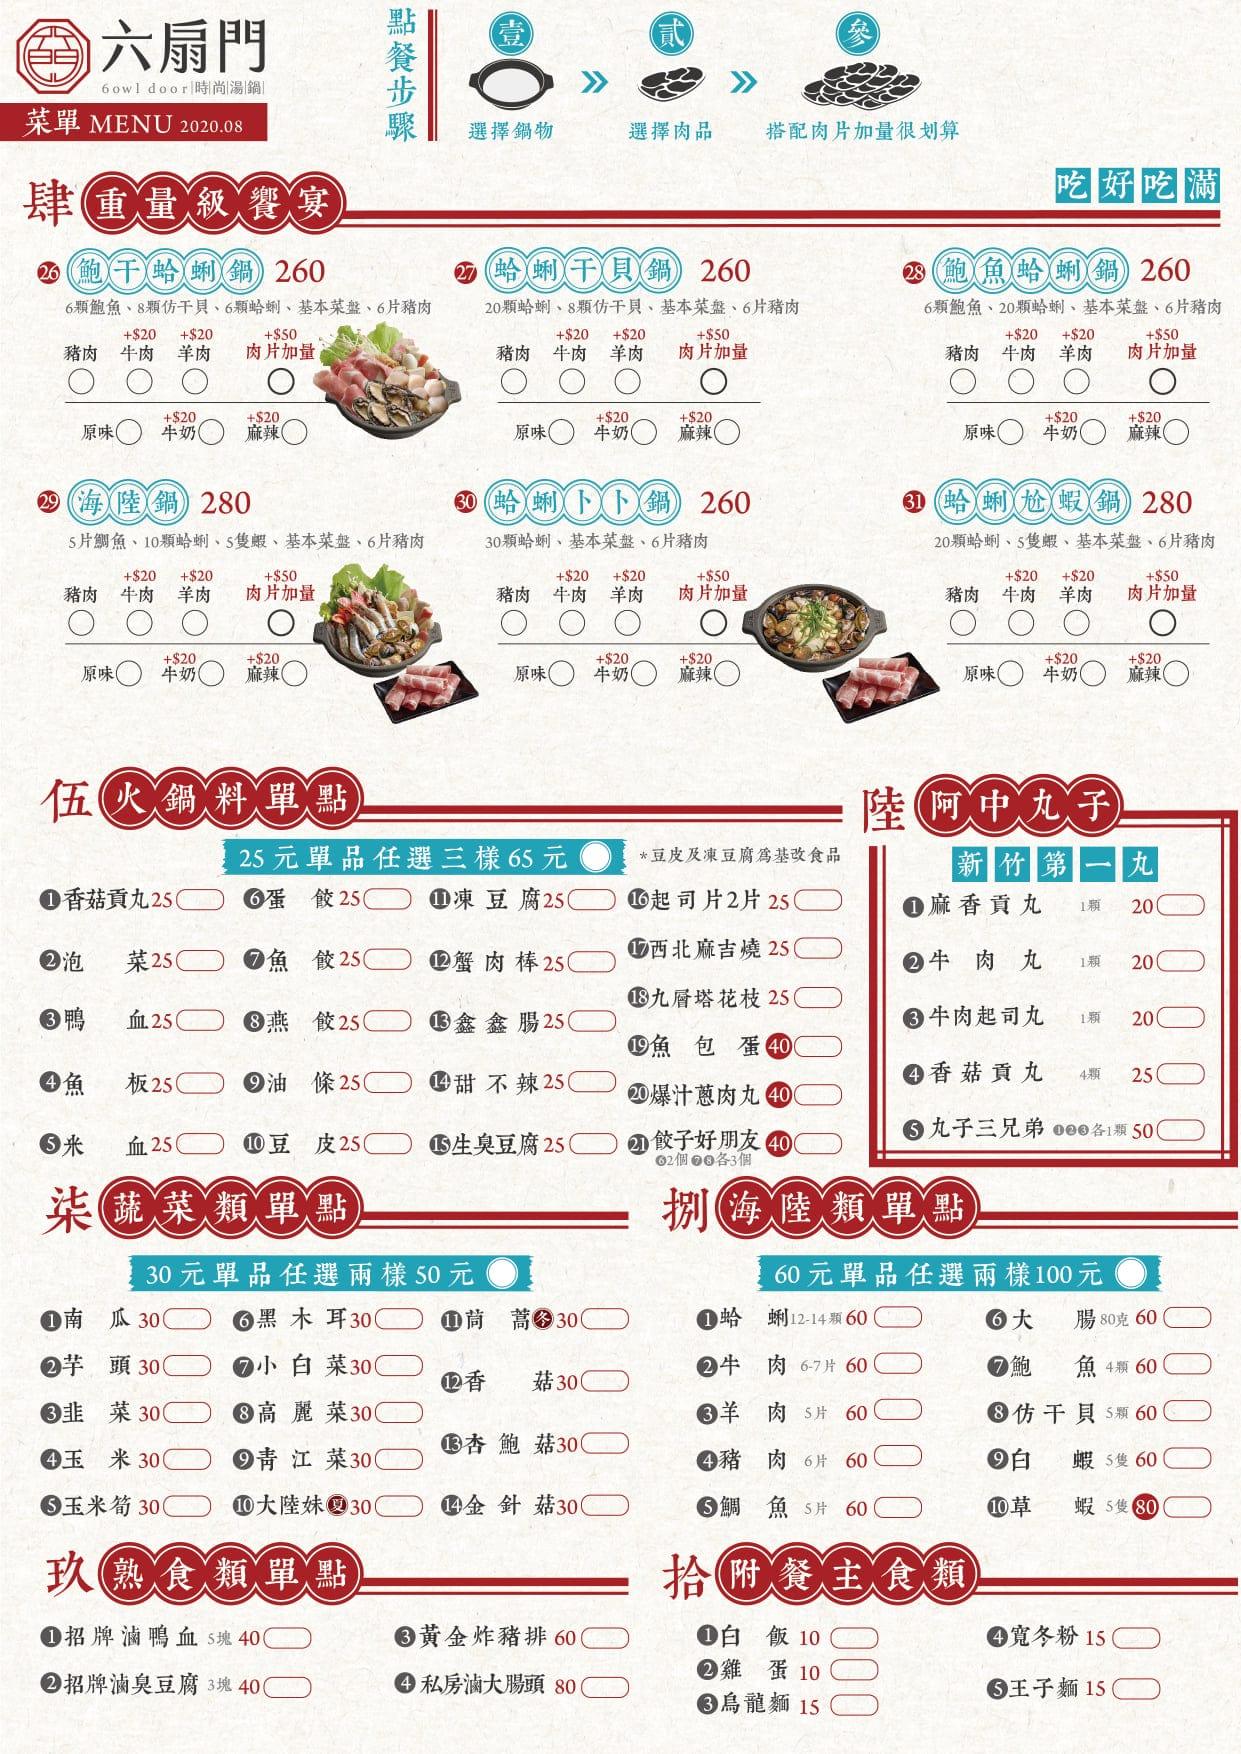 新竹平價小火鍋|六扇門時尚湯鍋新竹東南店(好吃平價連鎖火鍋,湯頭好喝,CP值高)